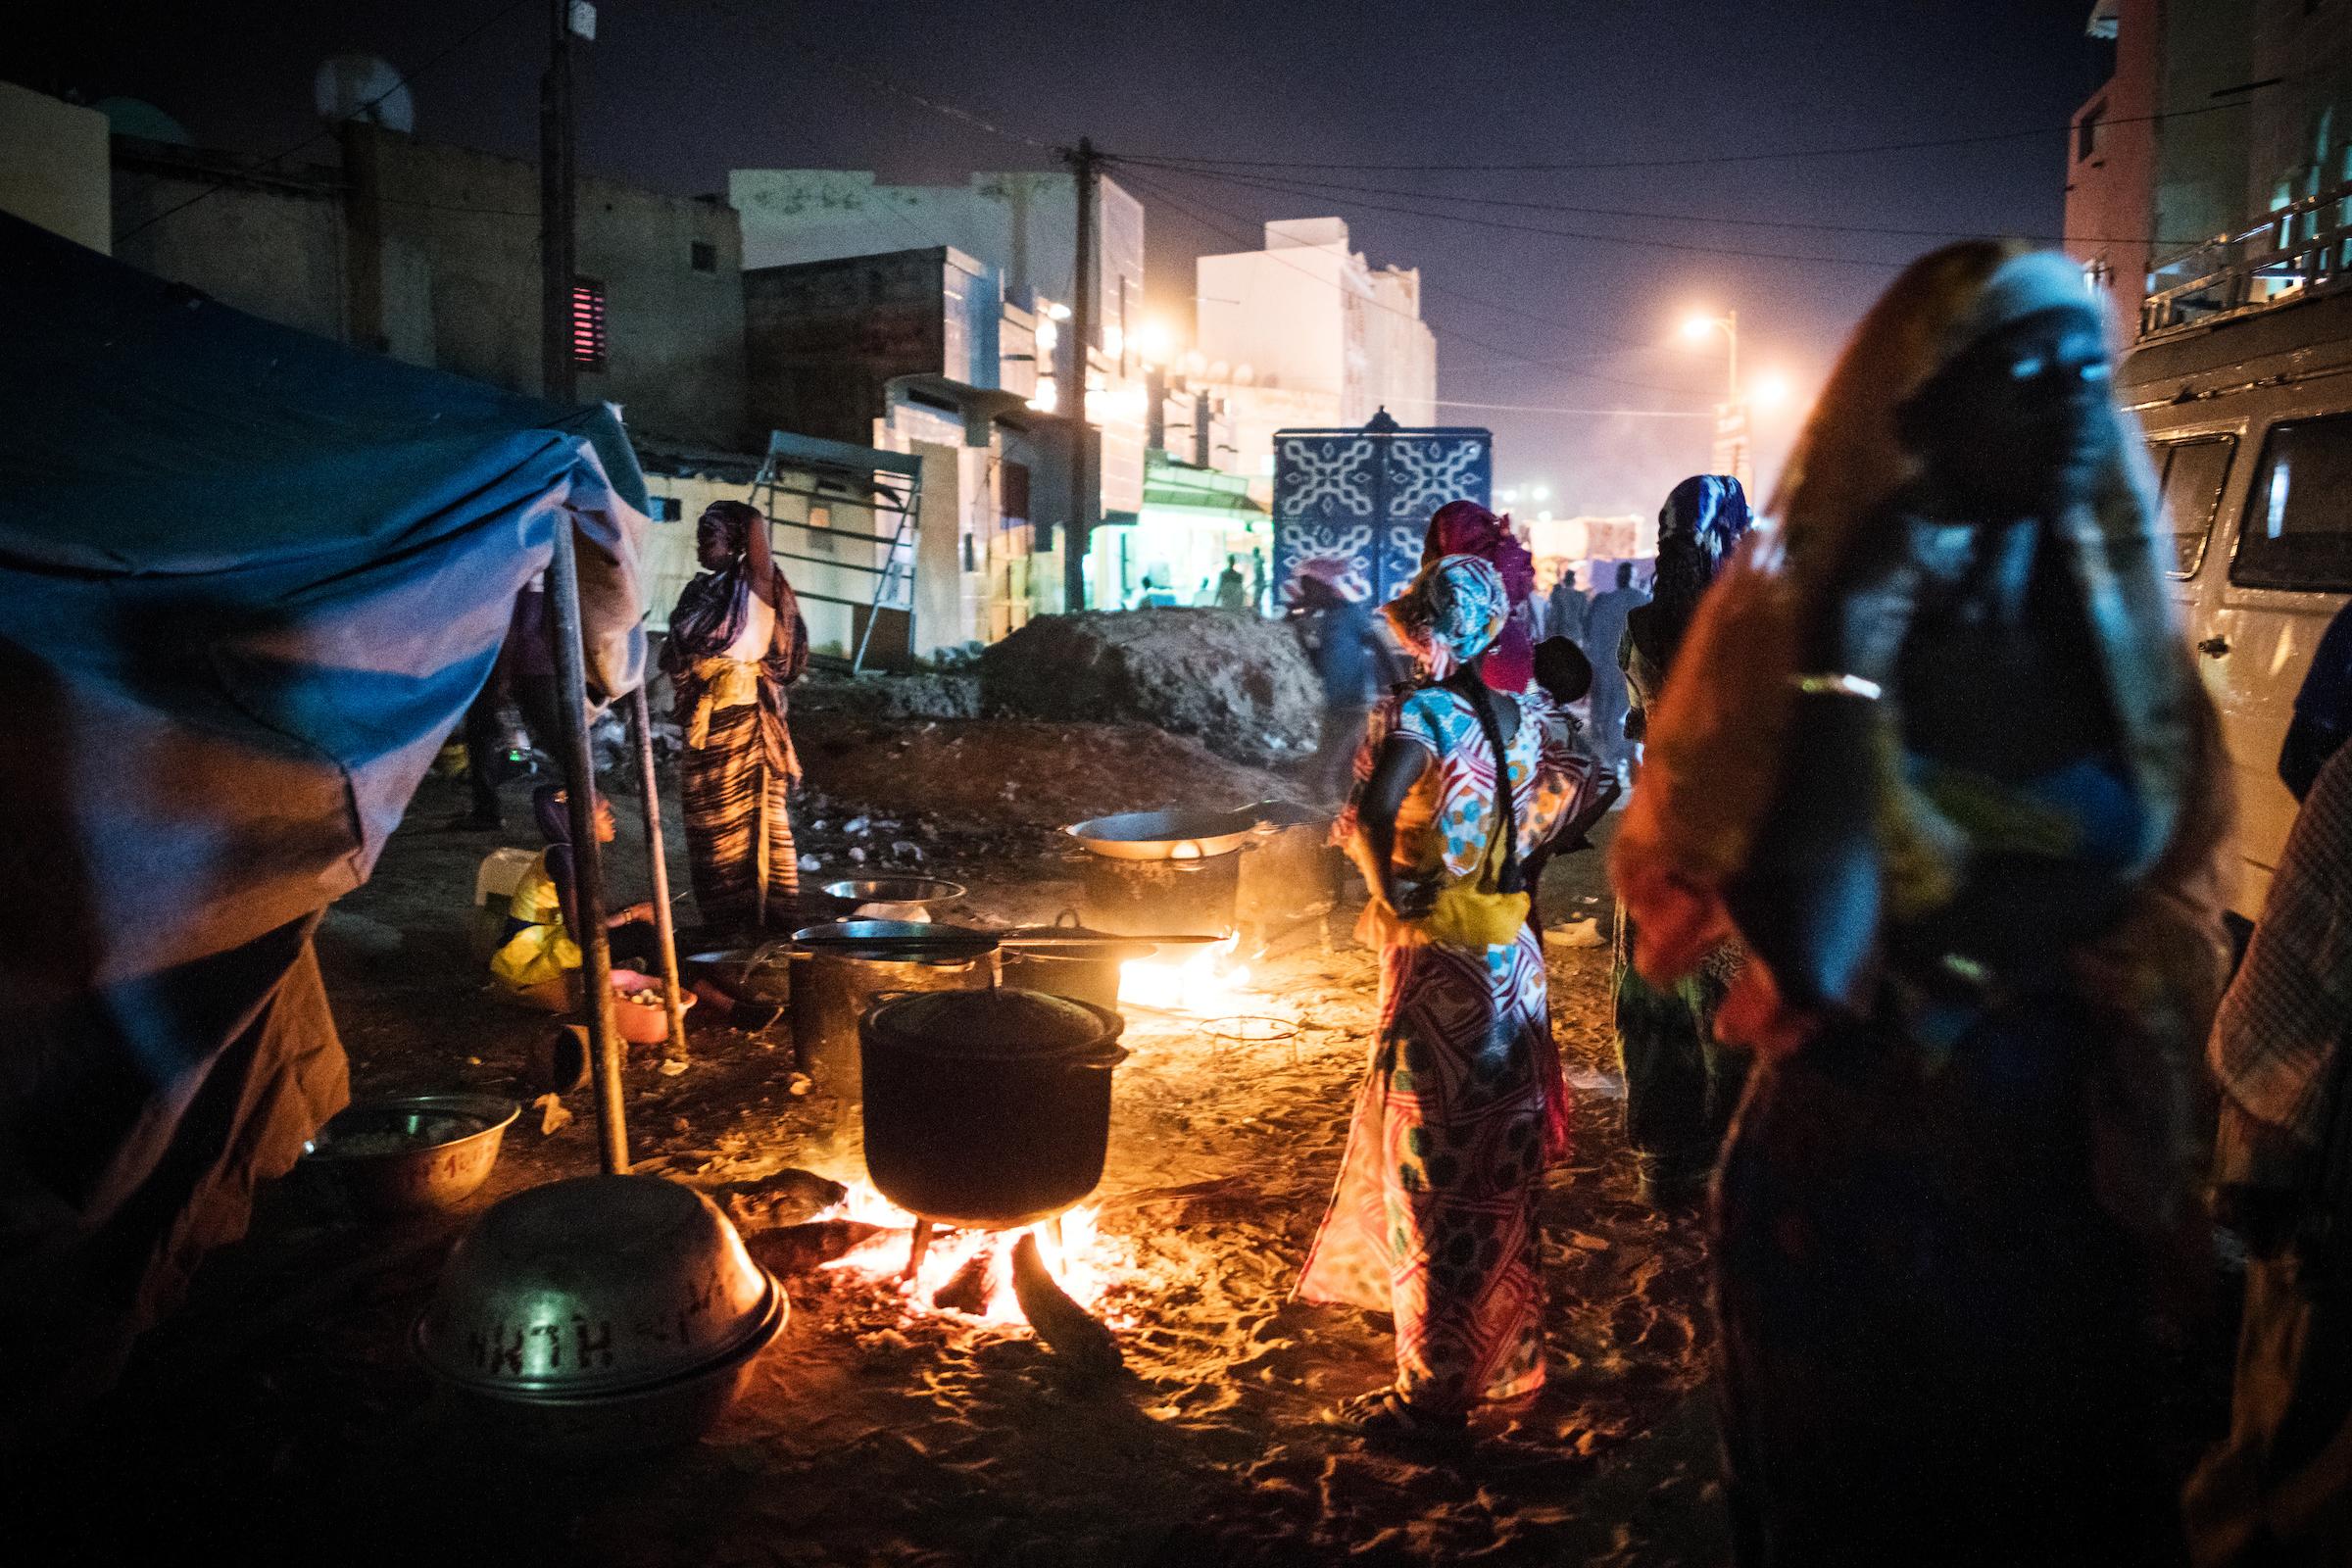 7. November 2017. In der Nacht vor dem Grand Magal Festival kochen Frauen in den Straßen von Touba traditionelle senegalesische Gerichte. Nach dem Willen von Amadou Bamba sollte jeder Gläubige, der zum Großmagal in Touba reist, kostenloses Essen und Unterkunft erhalten.